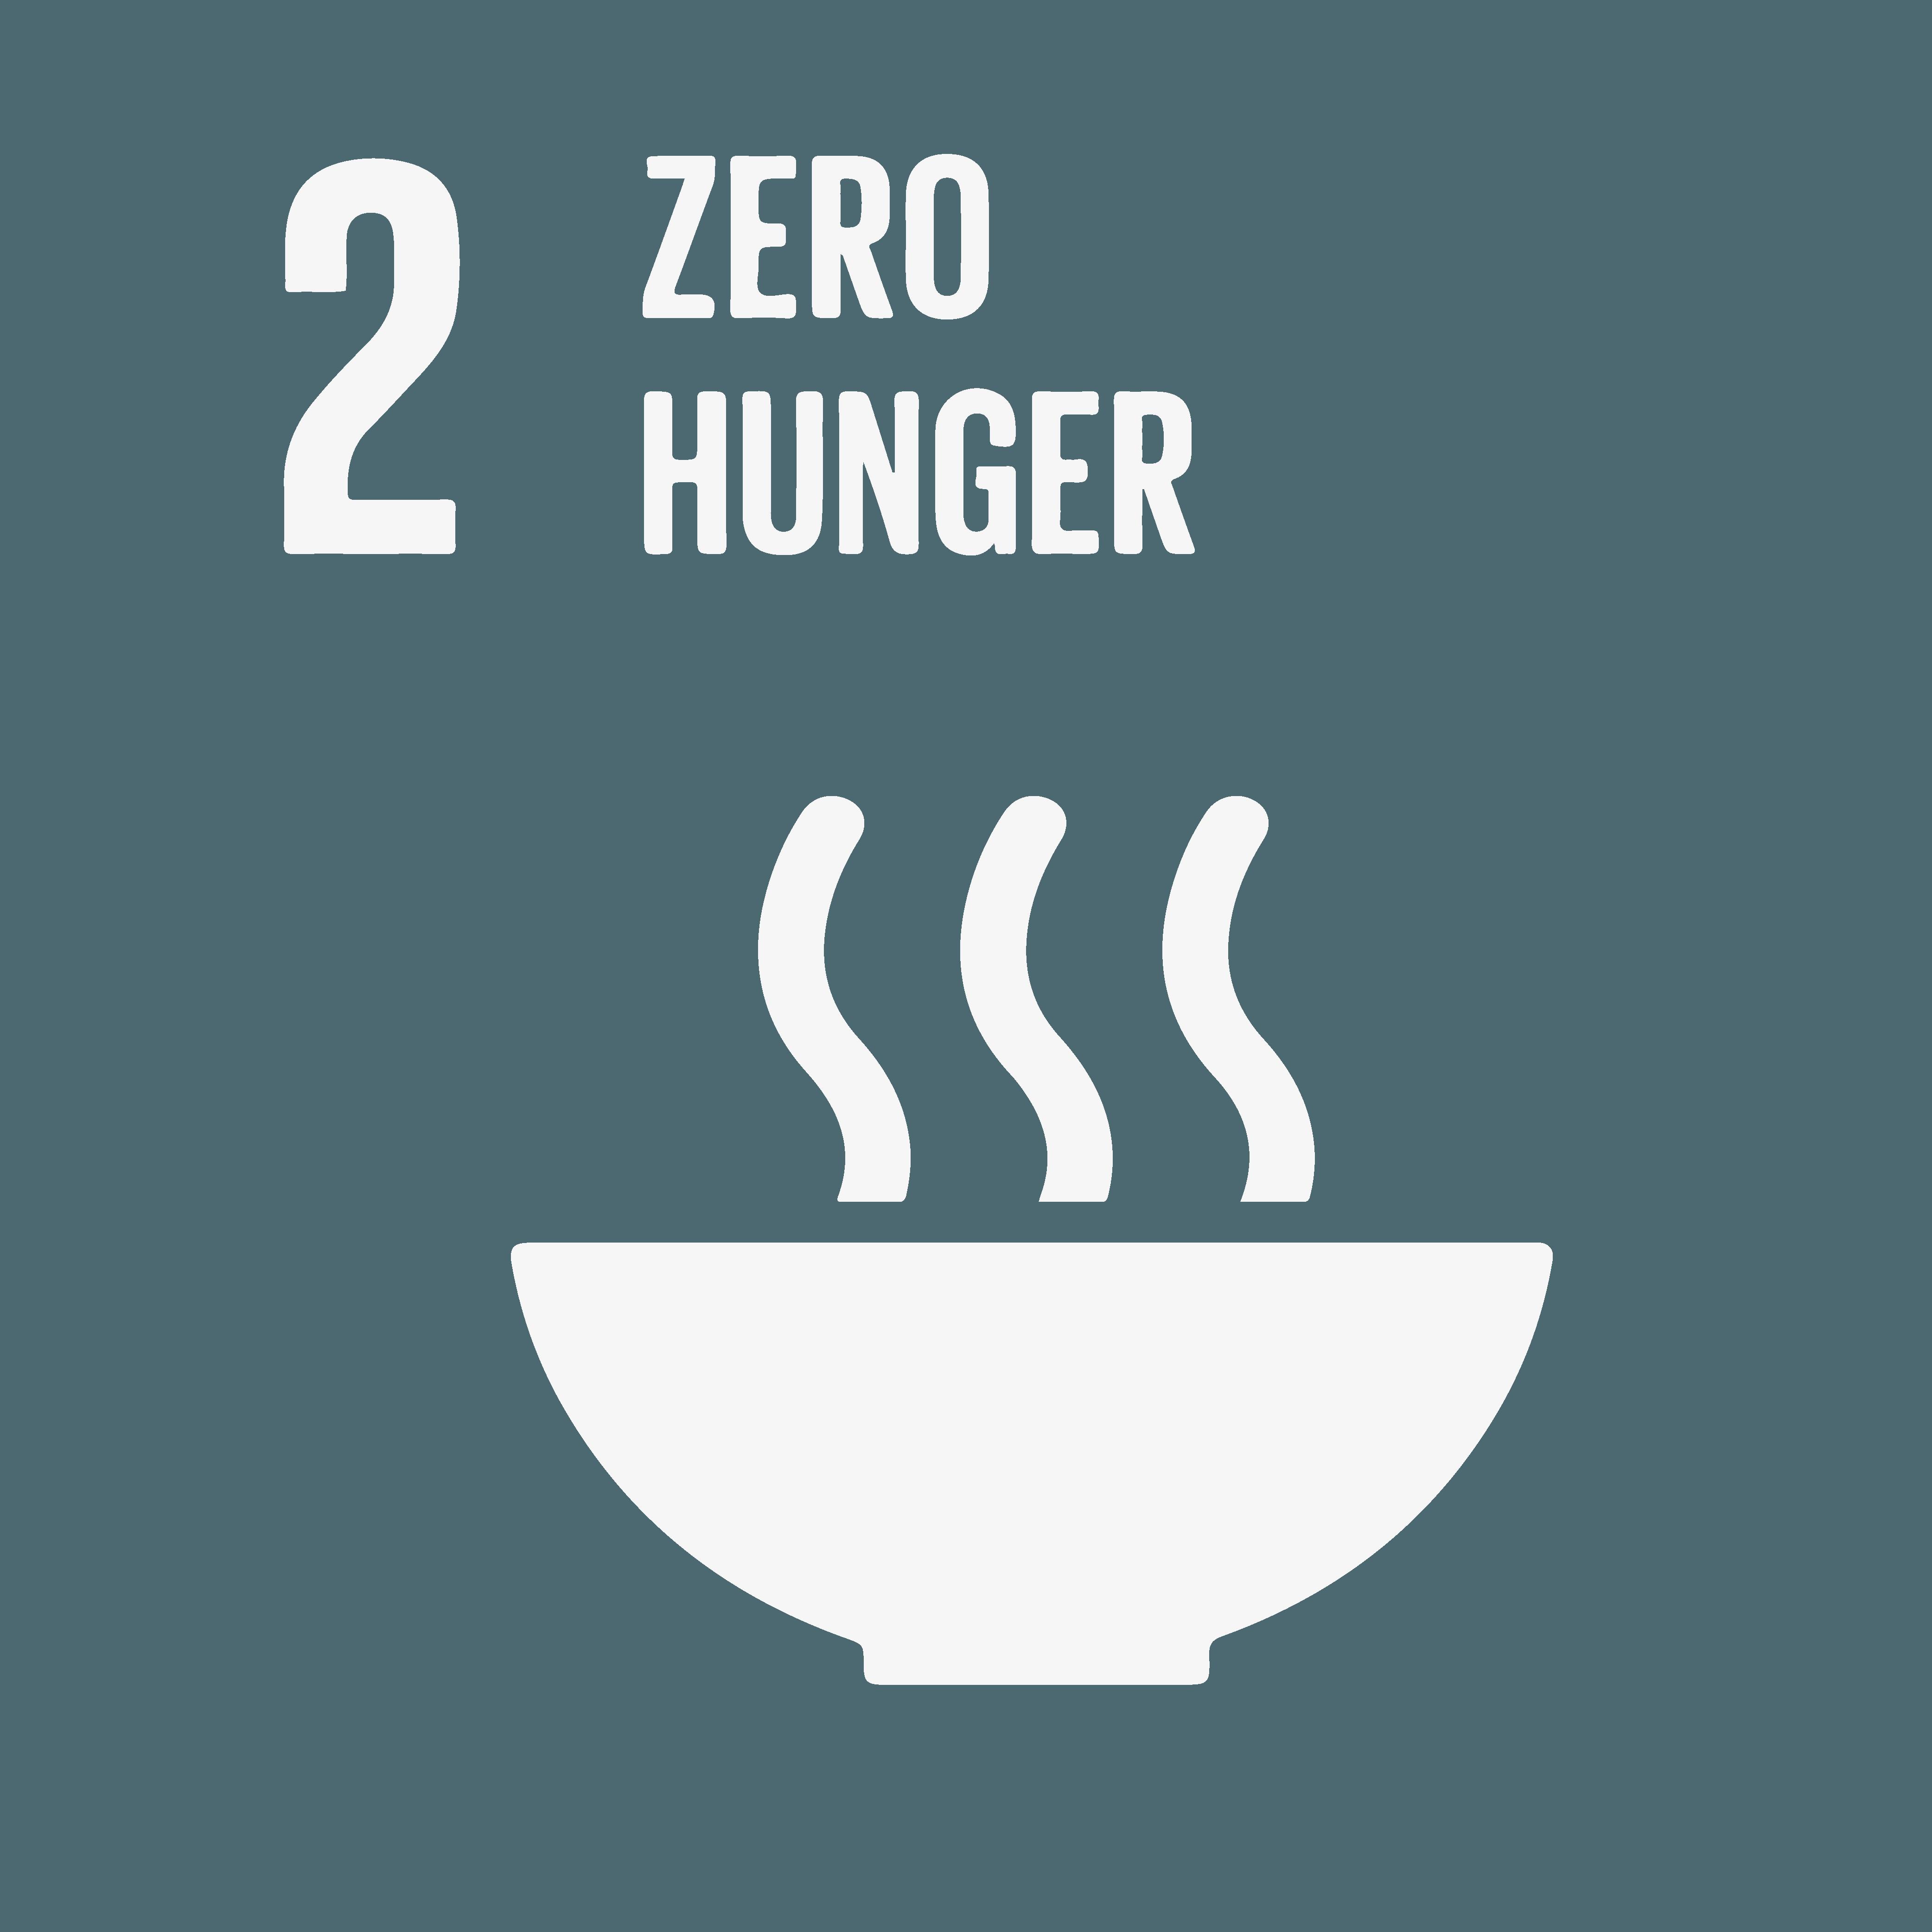 sociaal ondernemen UN zero hunger